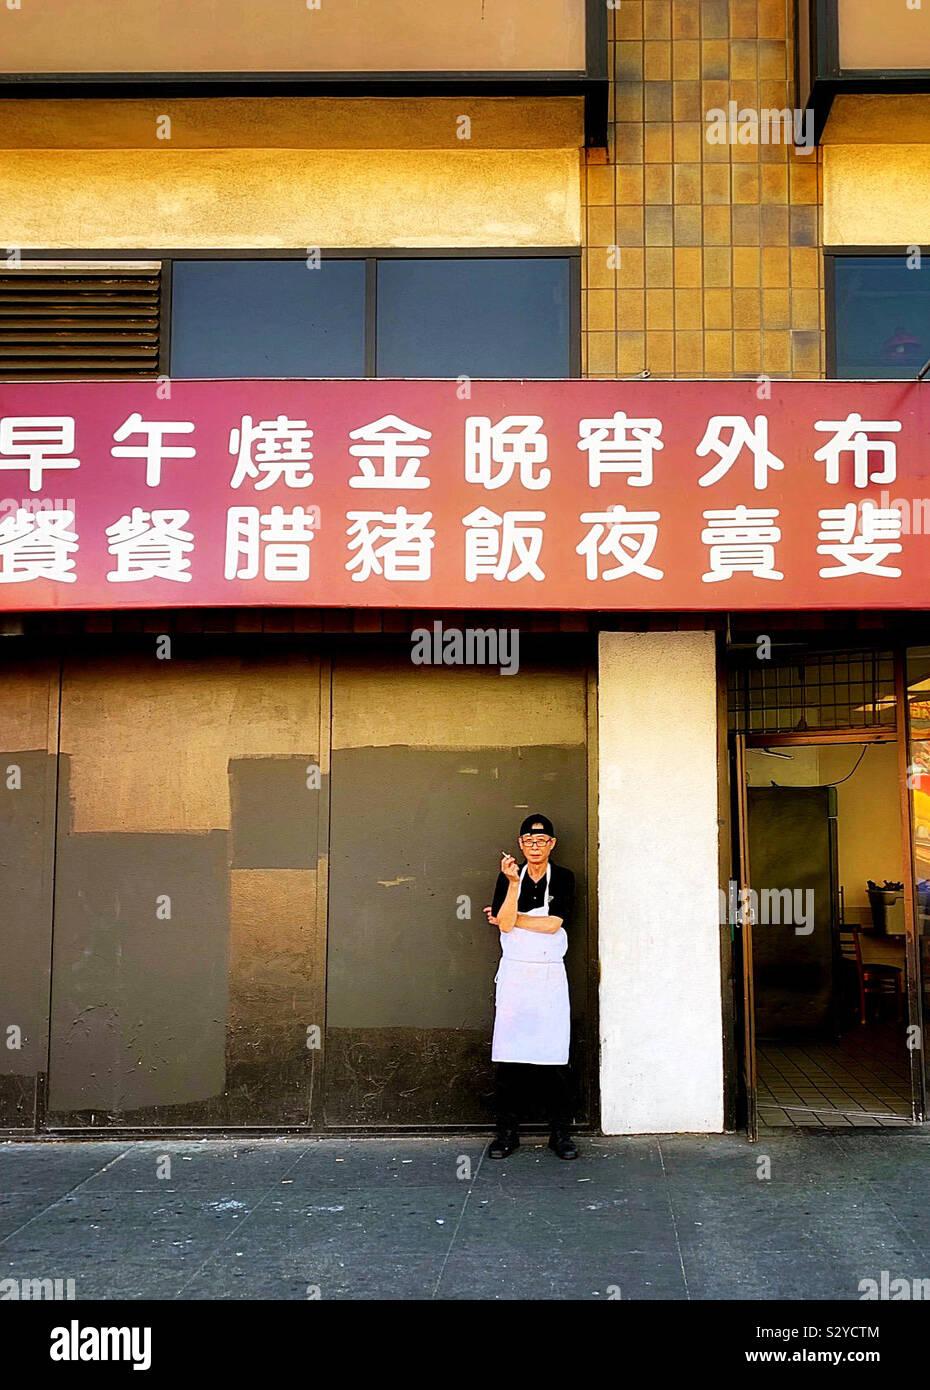 Le cuisinier se tenait devant son restaurant de travail pour prendre sa pause pour profiter de fumeurs. Banque D'Images